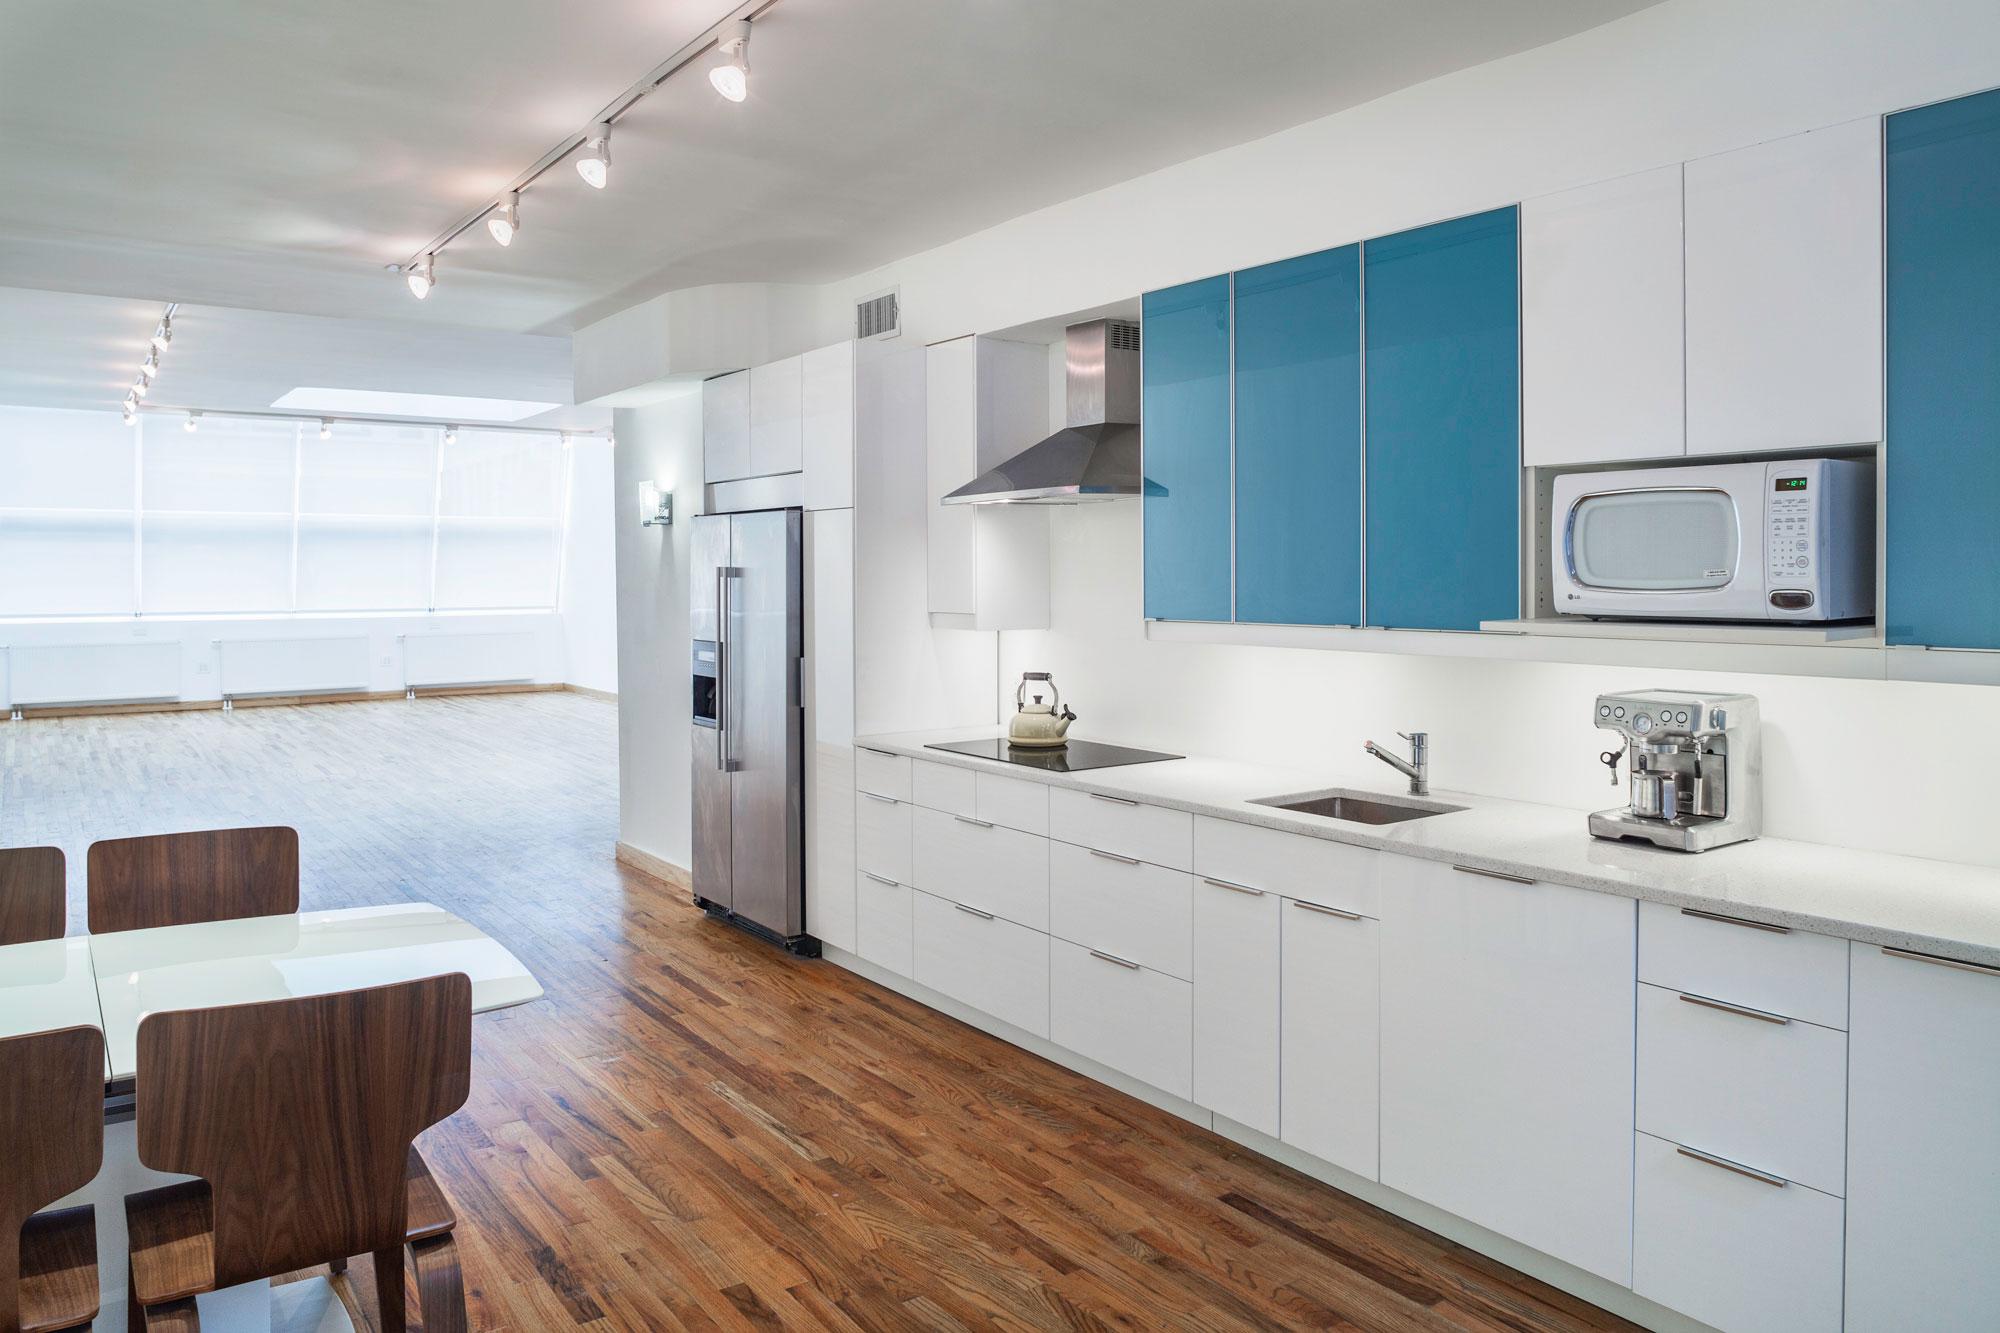 Studio a full kitchen